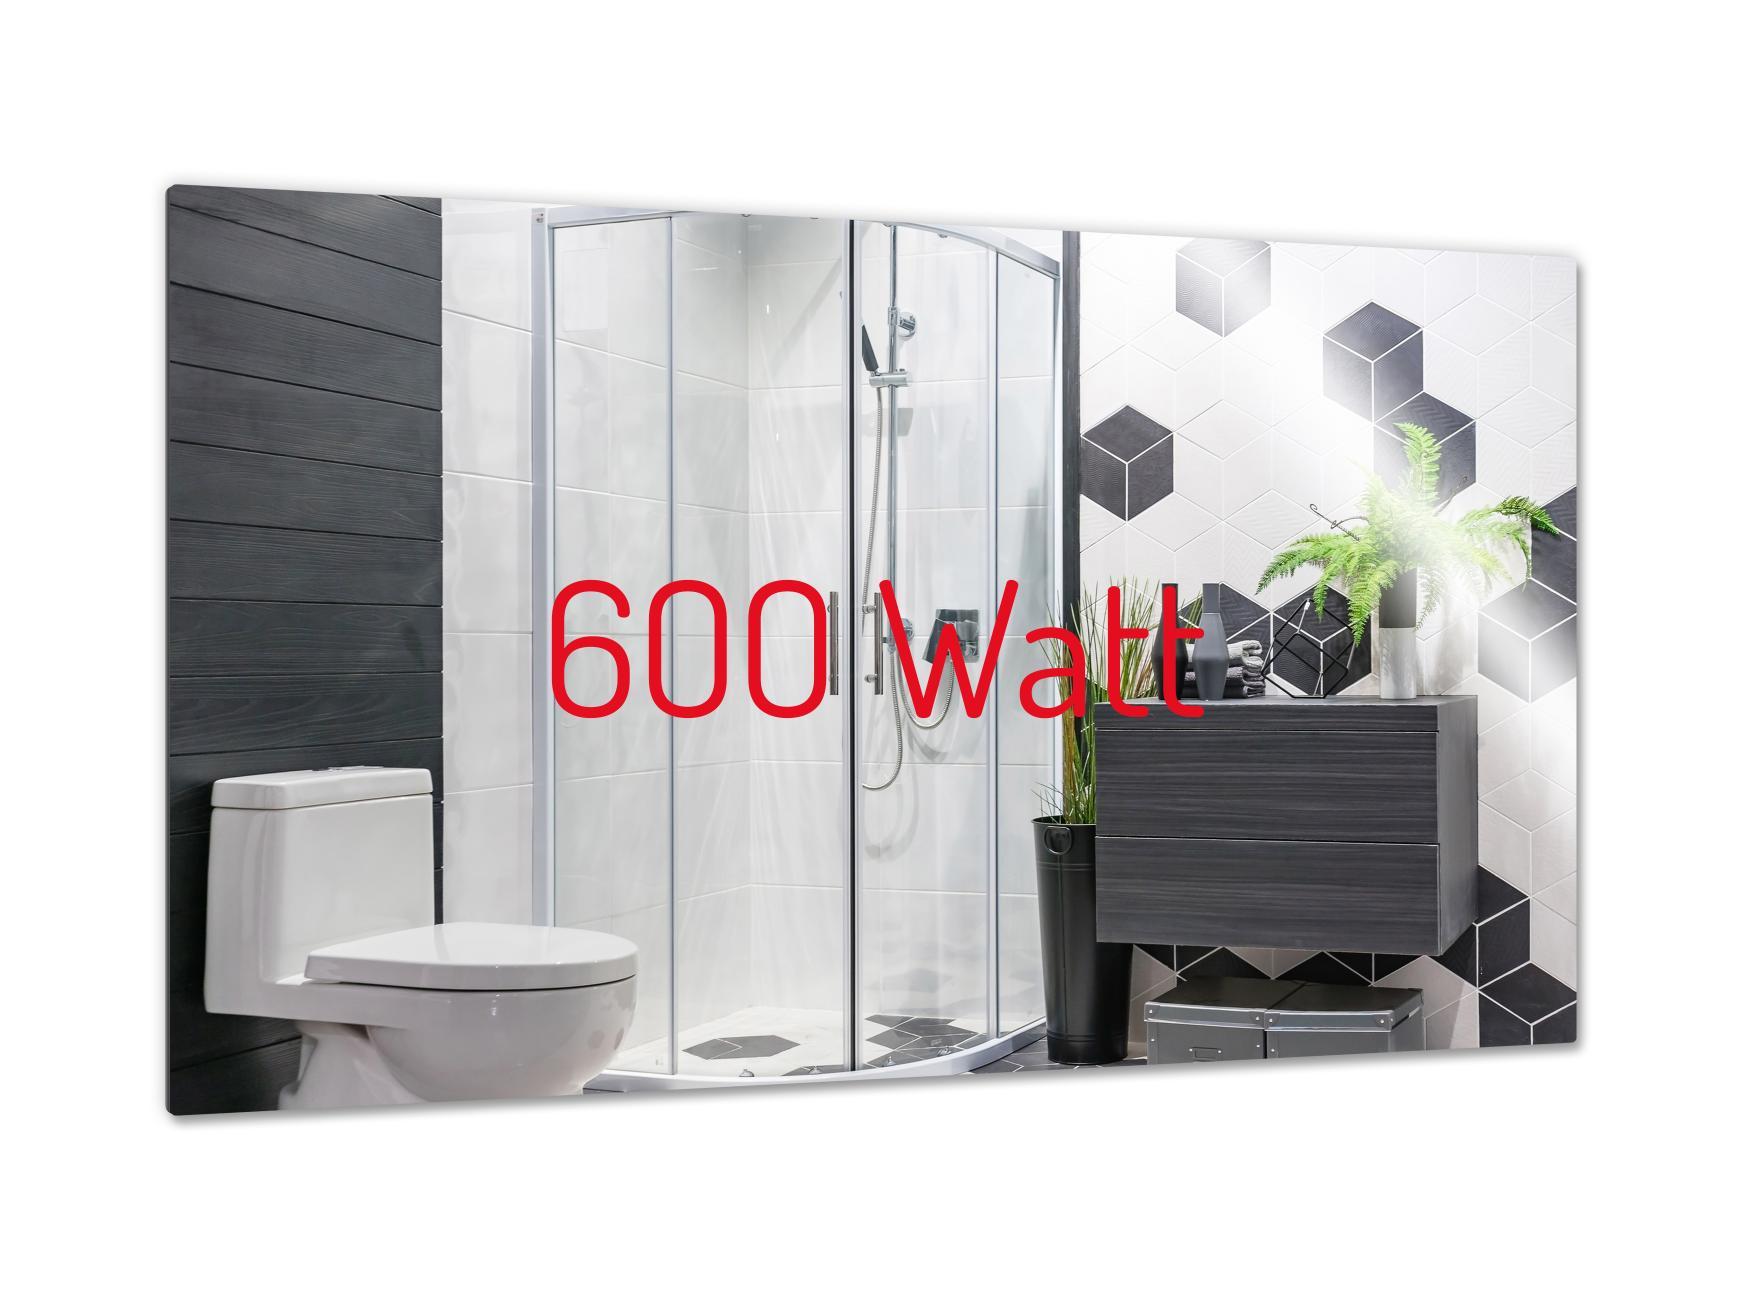 PowerSun Mirror rahmenlos 600 Watt